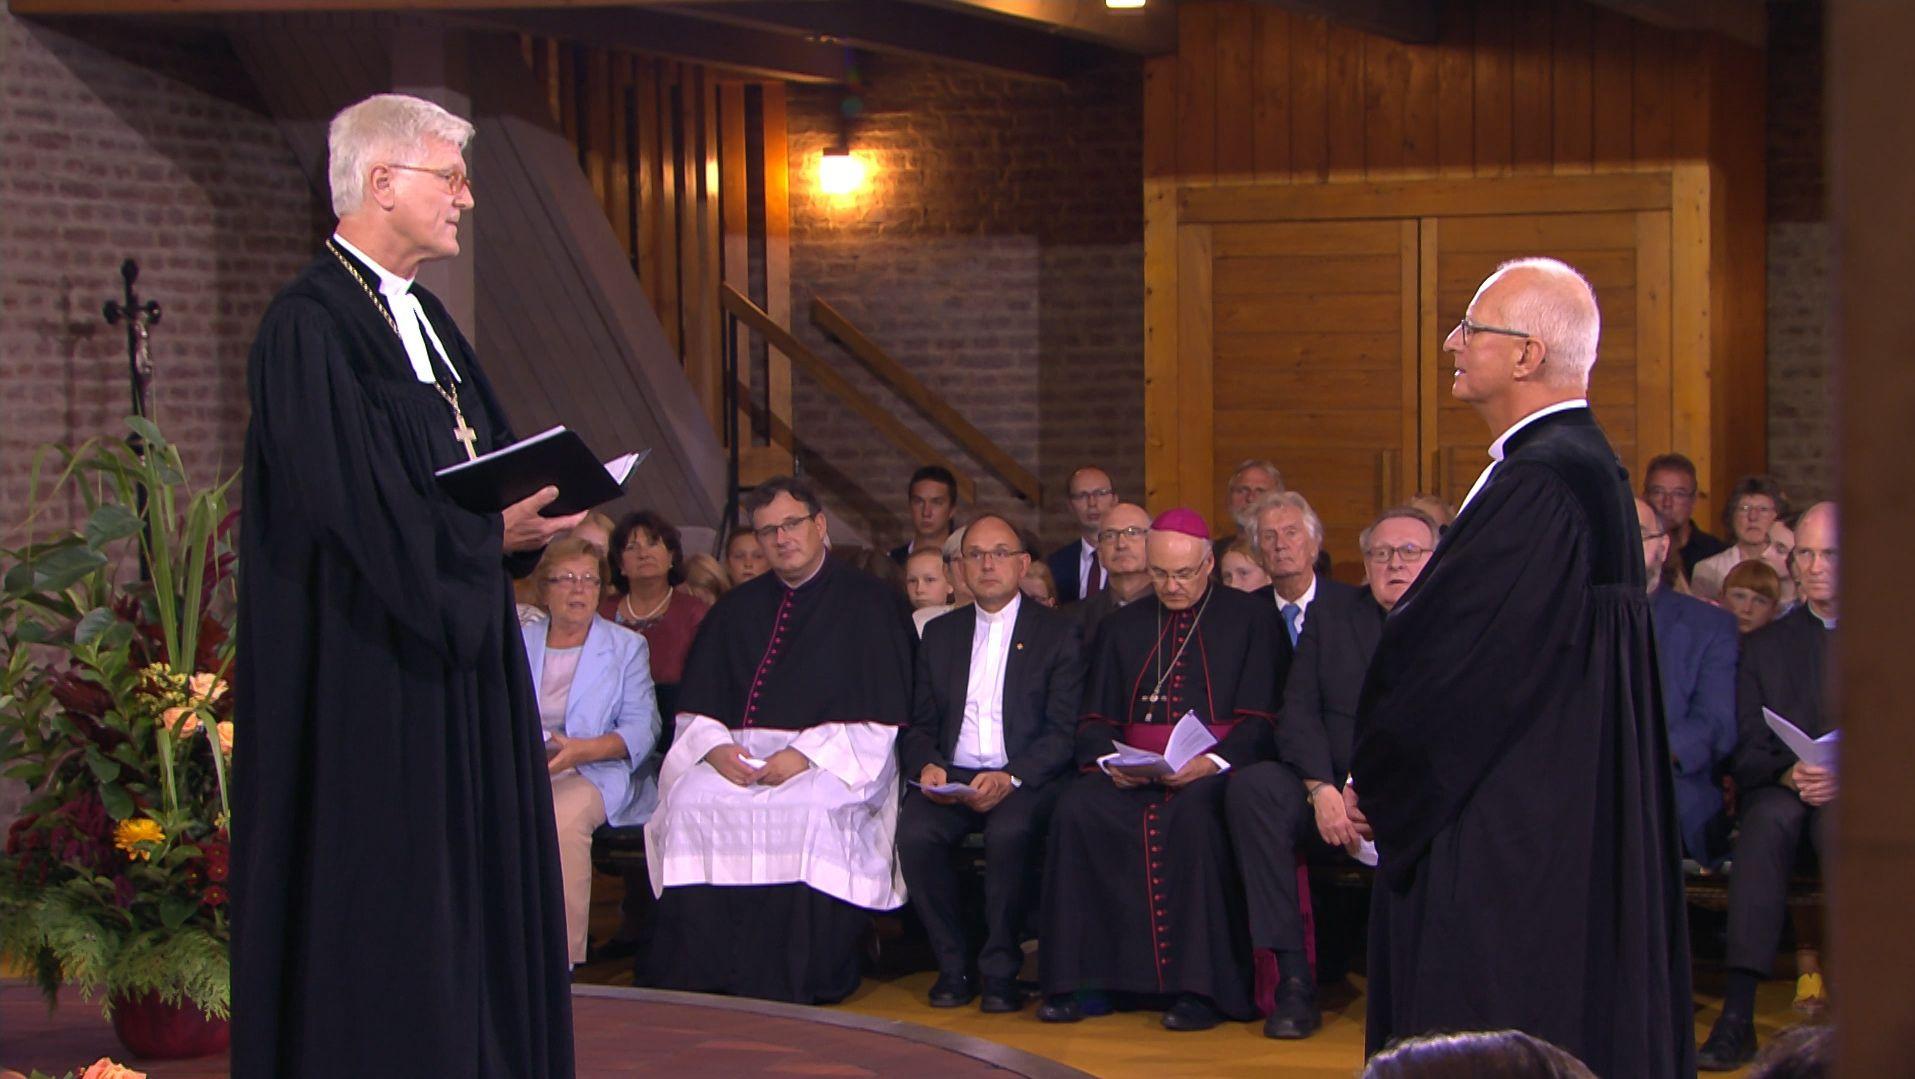 Neuer Regensburger Regionalbischof ist ins Amt eingeführt.